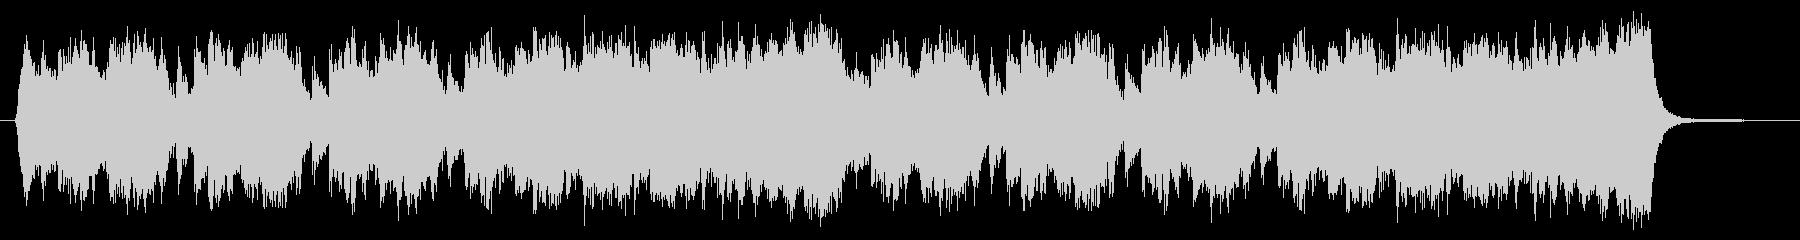 不穏なイメージのオーケストラ 編集版の未再生の波形